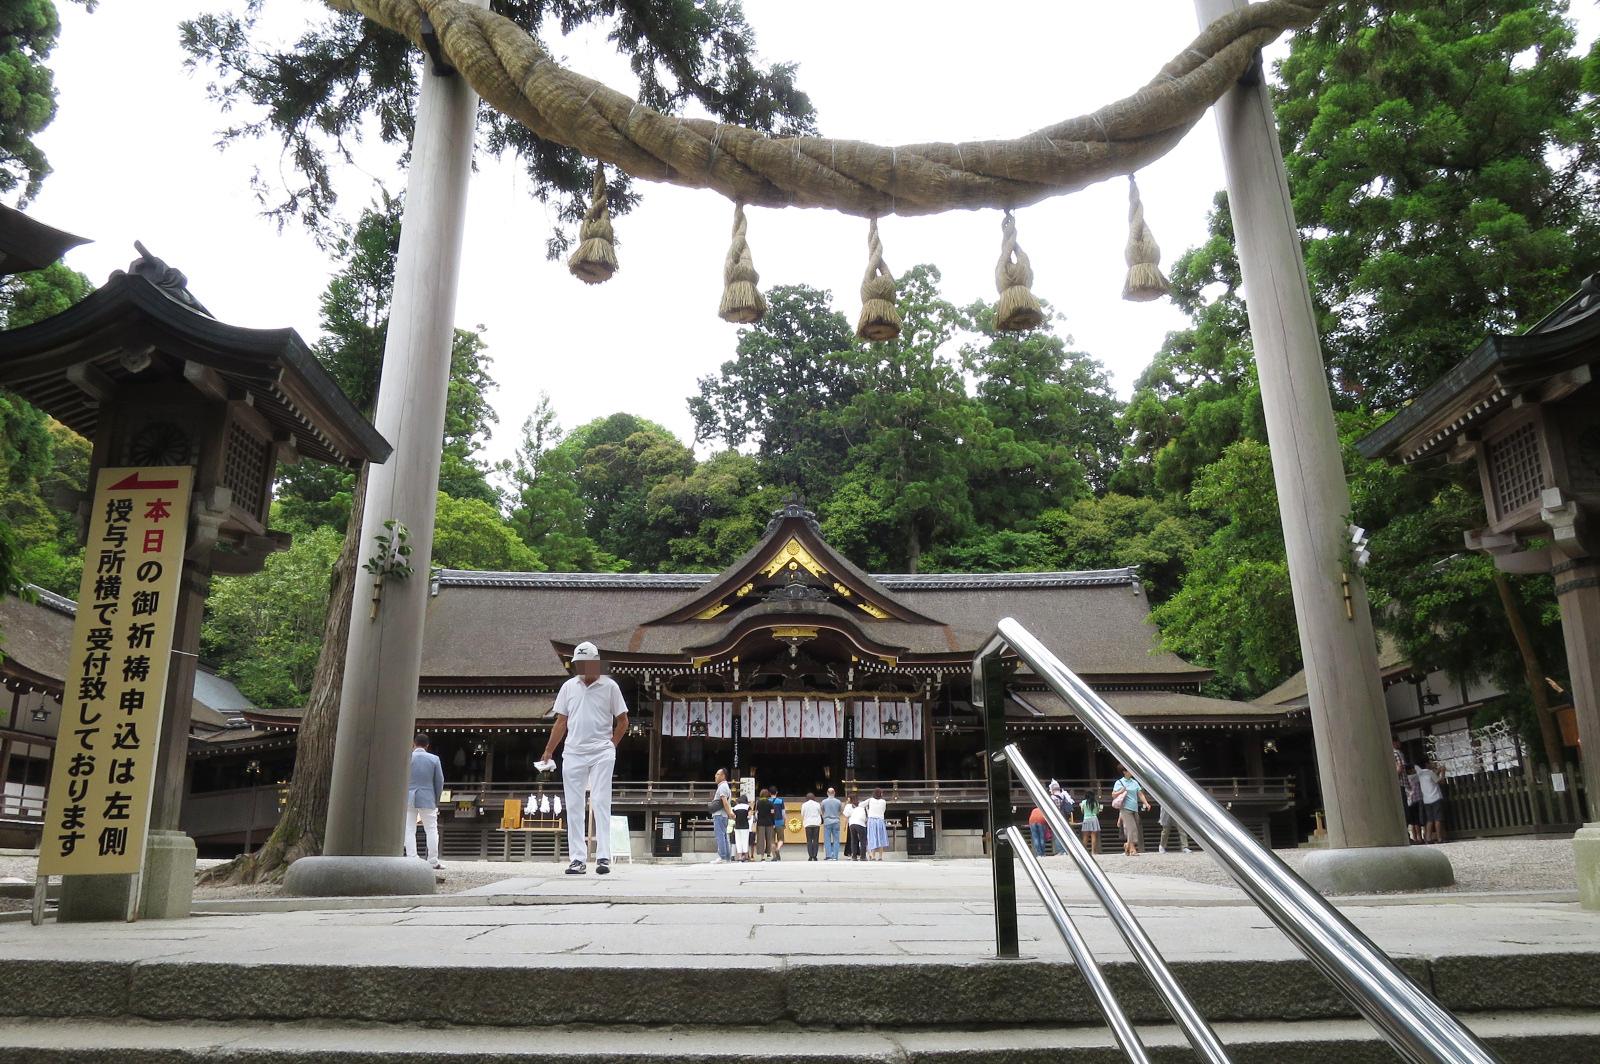 拝殿前の縄鳥居(勧請縄)。鳥居も種類がありますが、2本の柱にしめ縄をかけたものも珍しいですね。